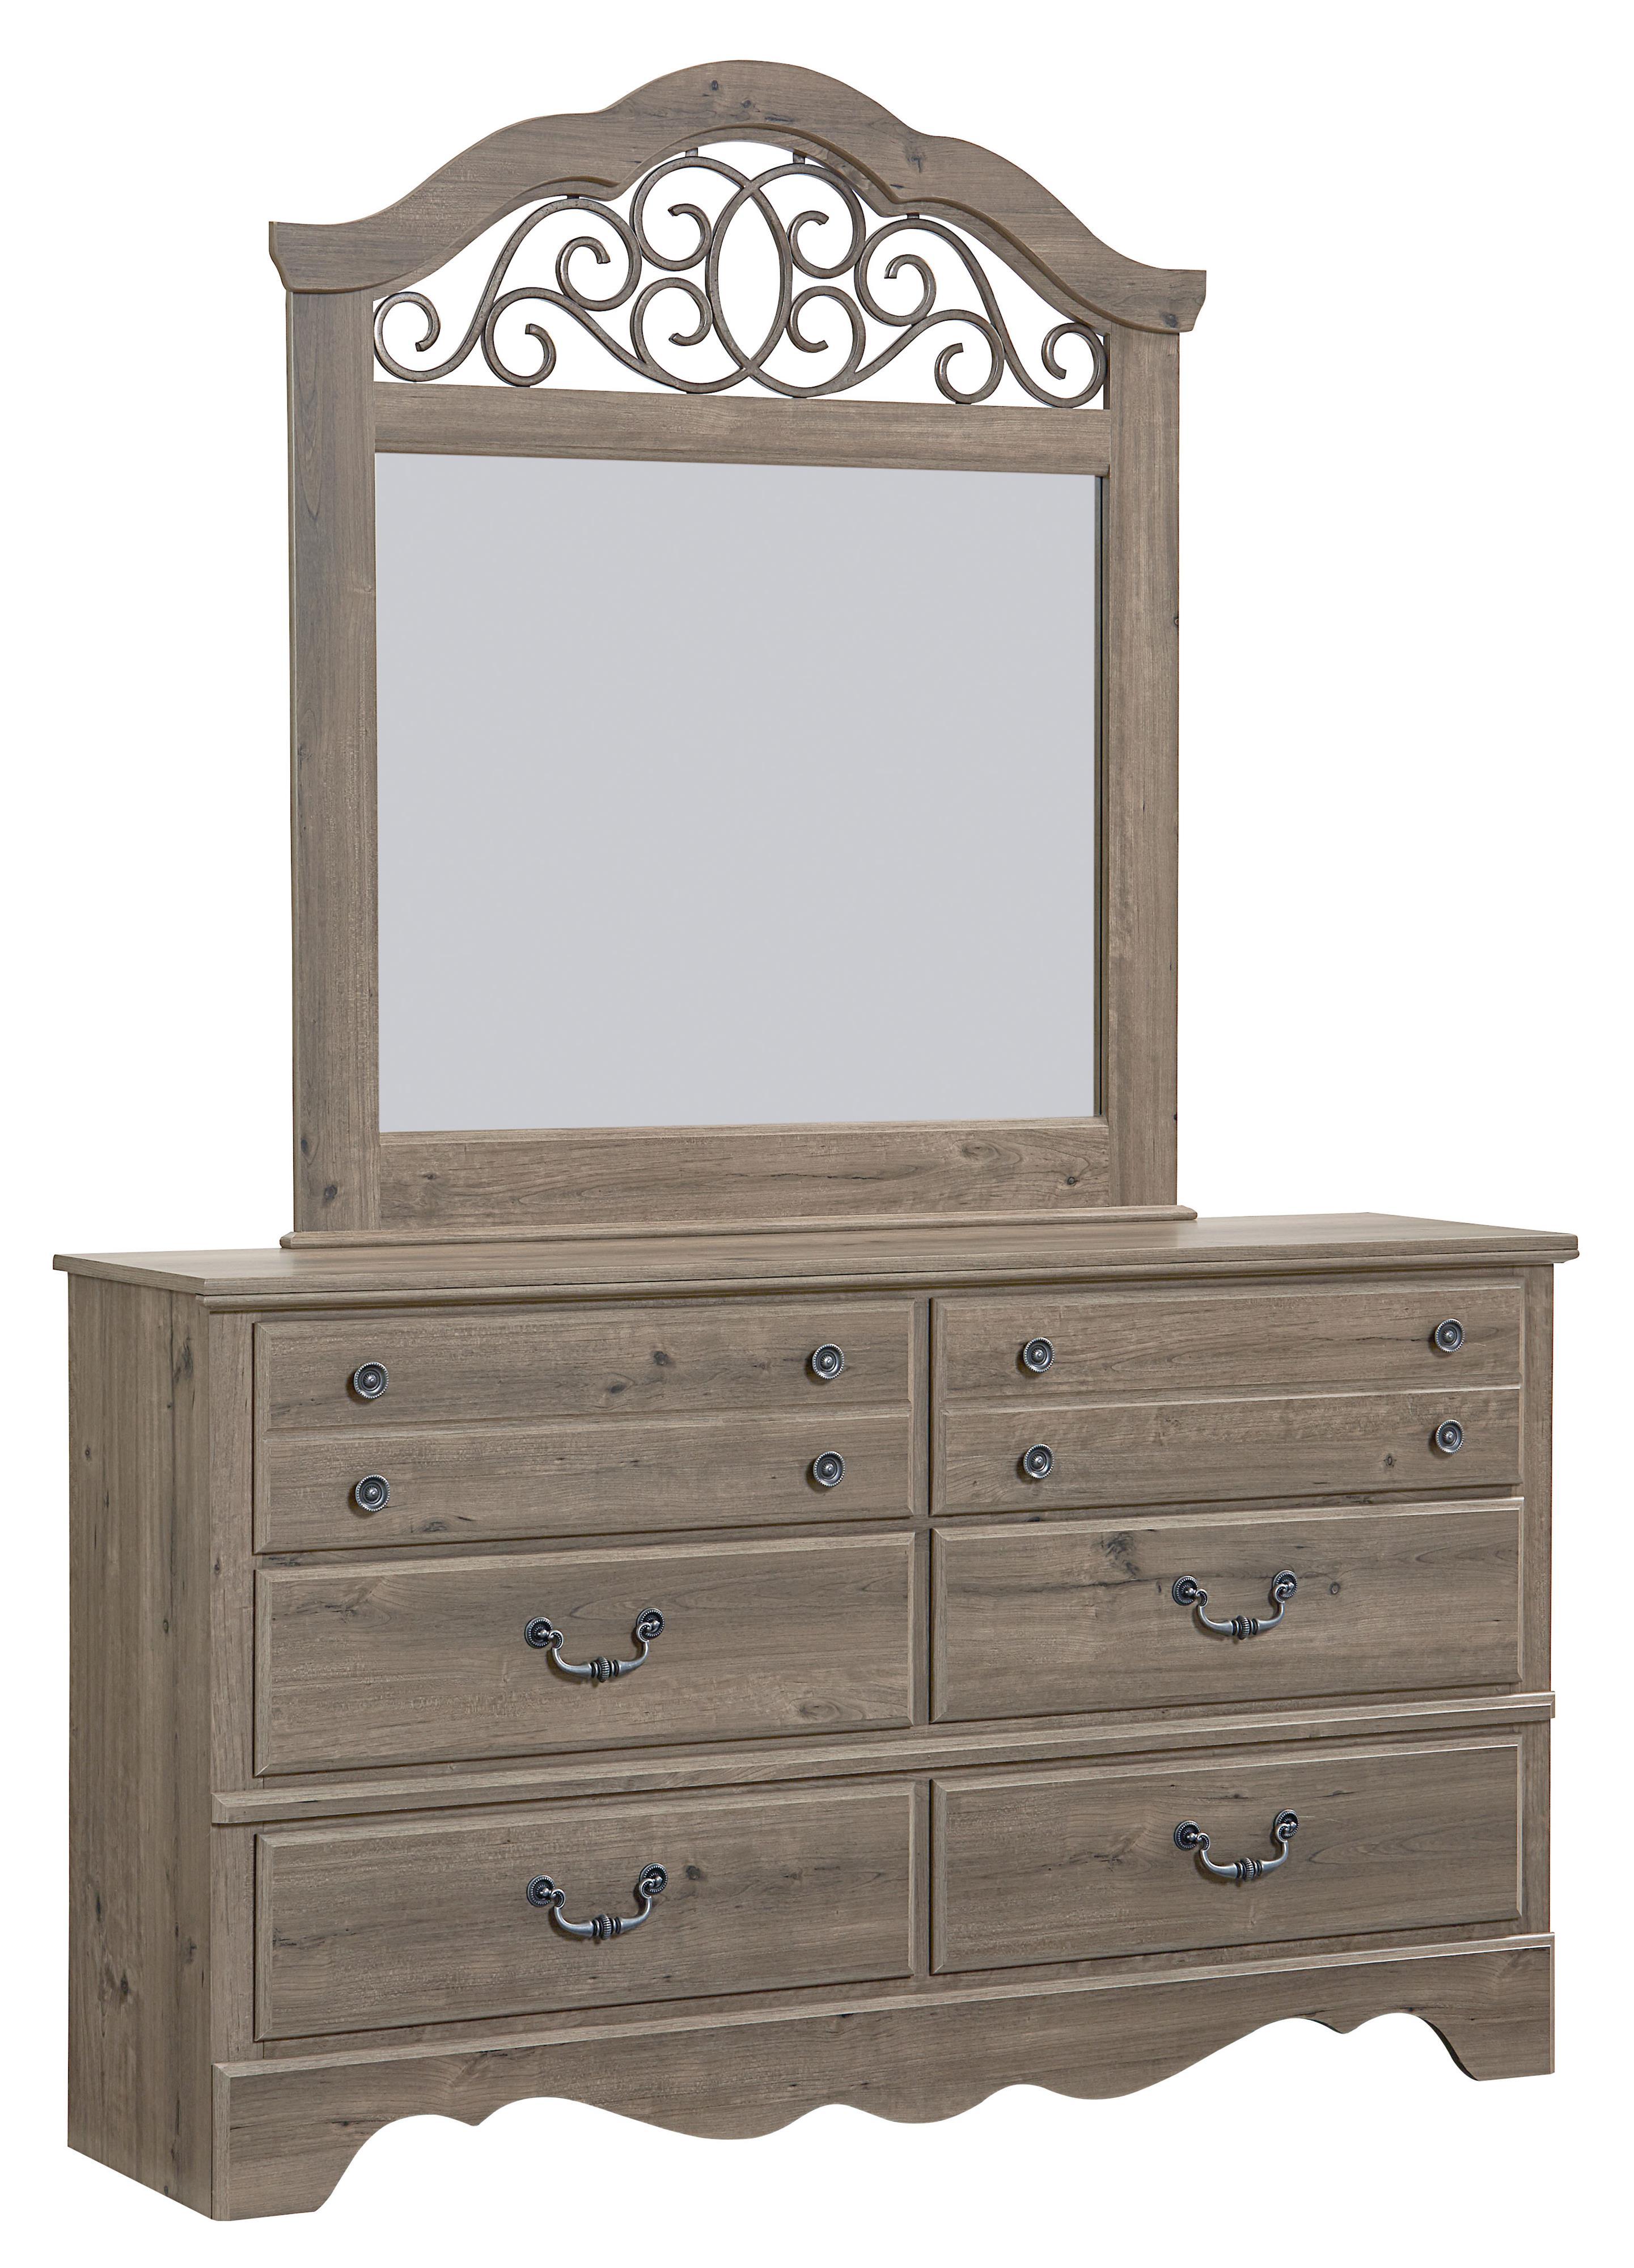 dealer lang and ahfa black mirror bla products drawer set framed earth locator dresser item